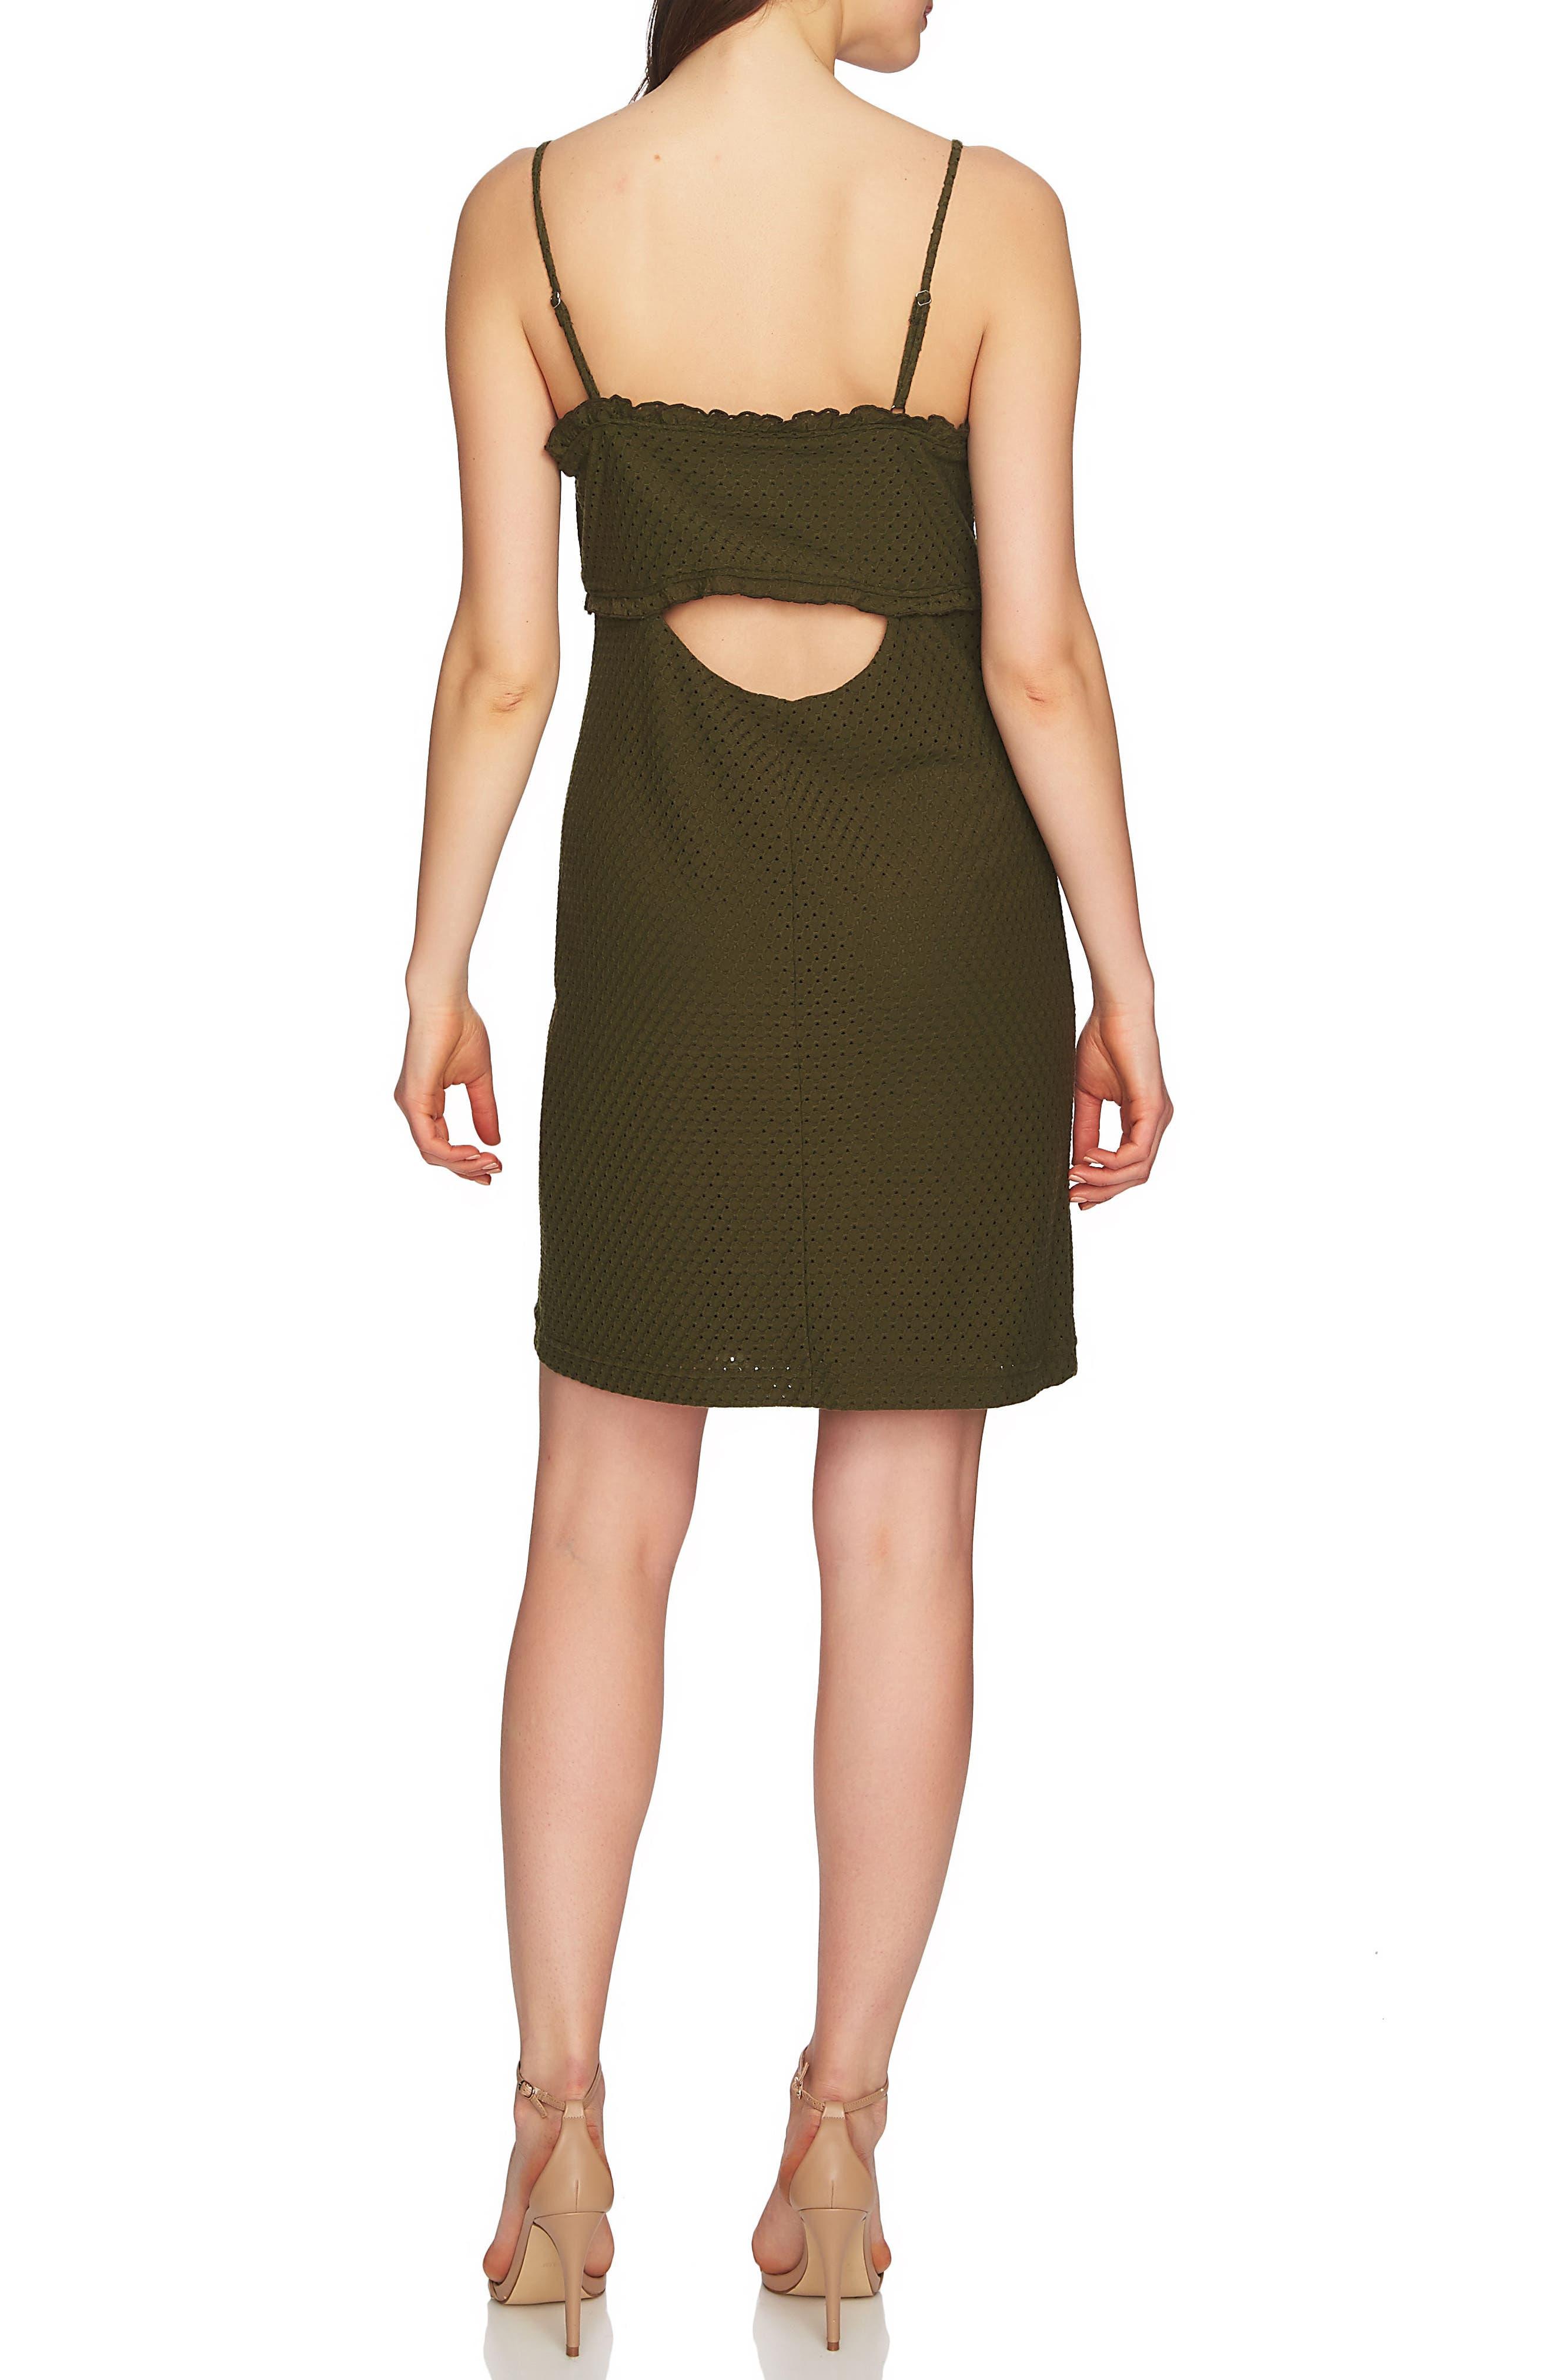 Dani Ruched Eyelet Knit Dress,                             Main thumbnail 1, color,                             304